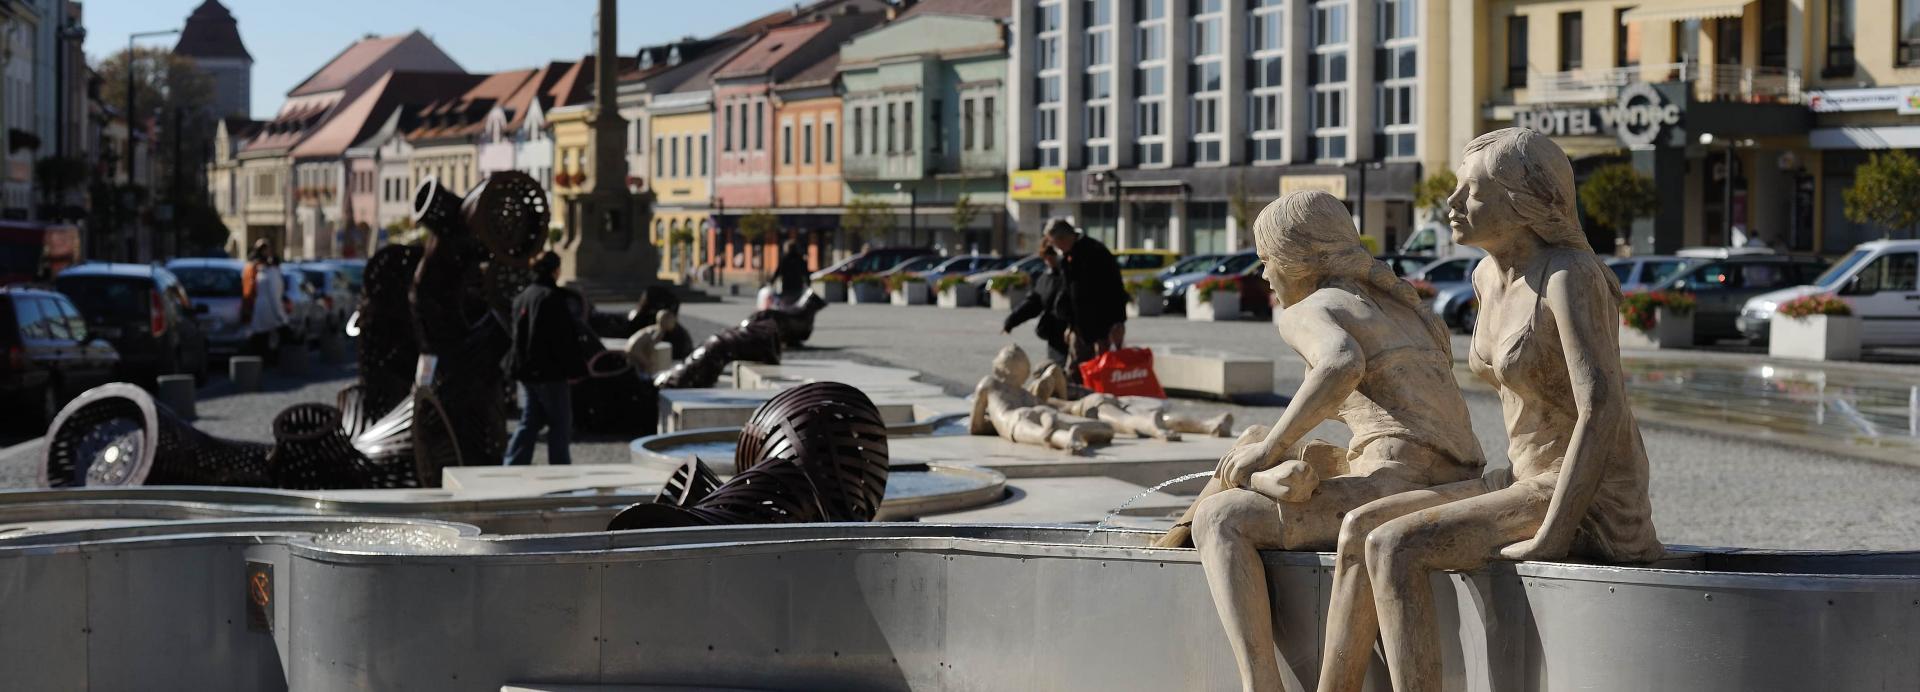 Chantier fontaine de Mlada Boleslav